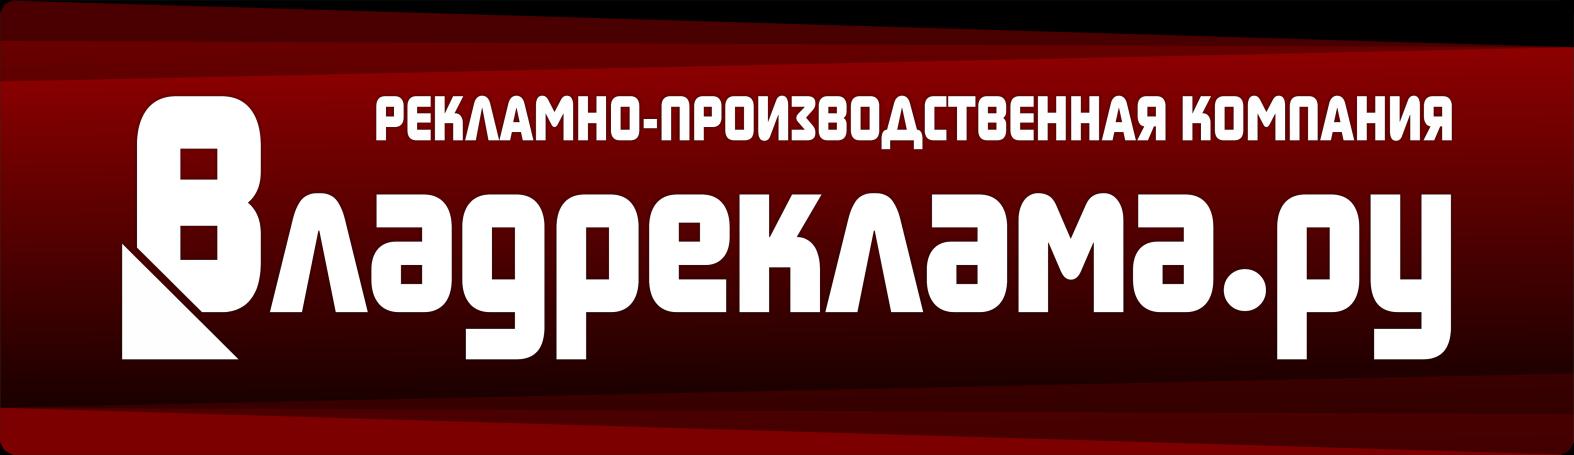 """Рекламно производственная компания """"Владреклама.ру"""""""